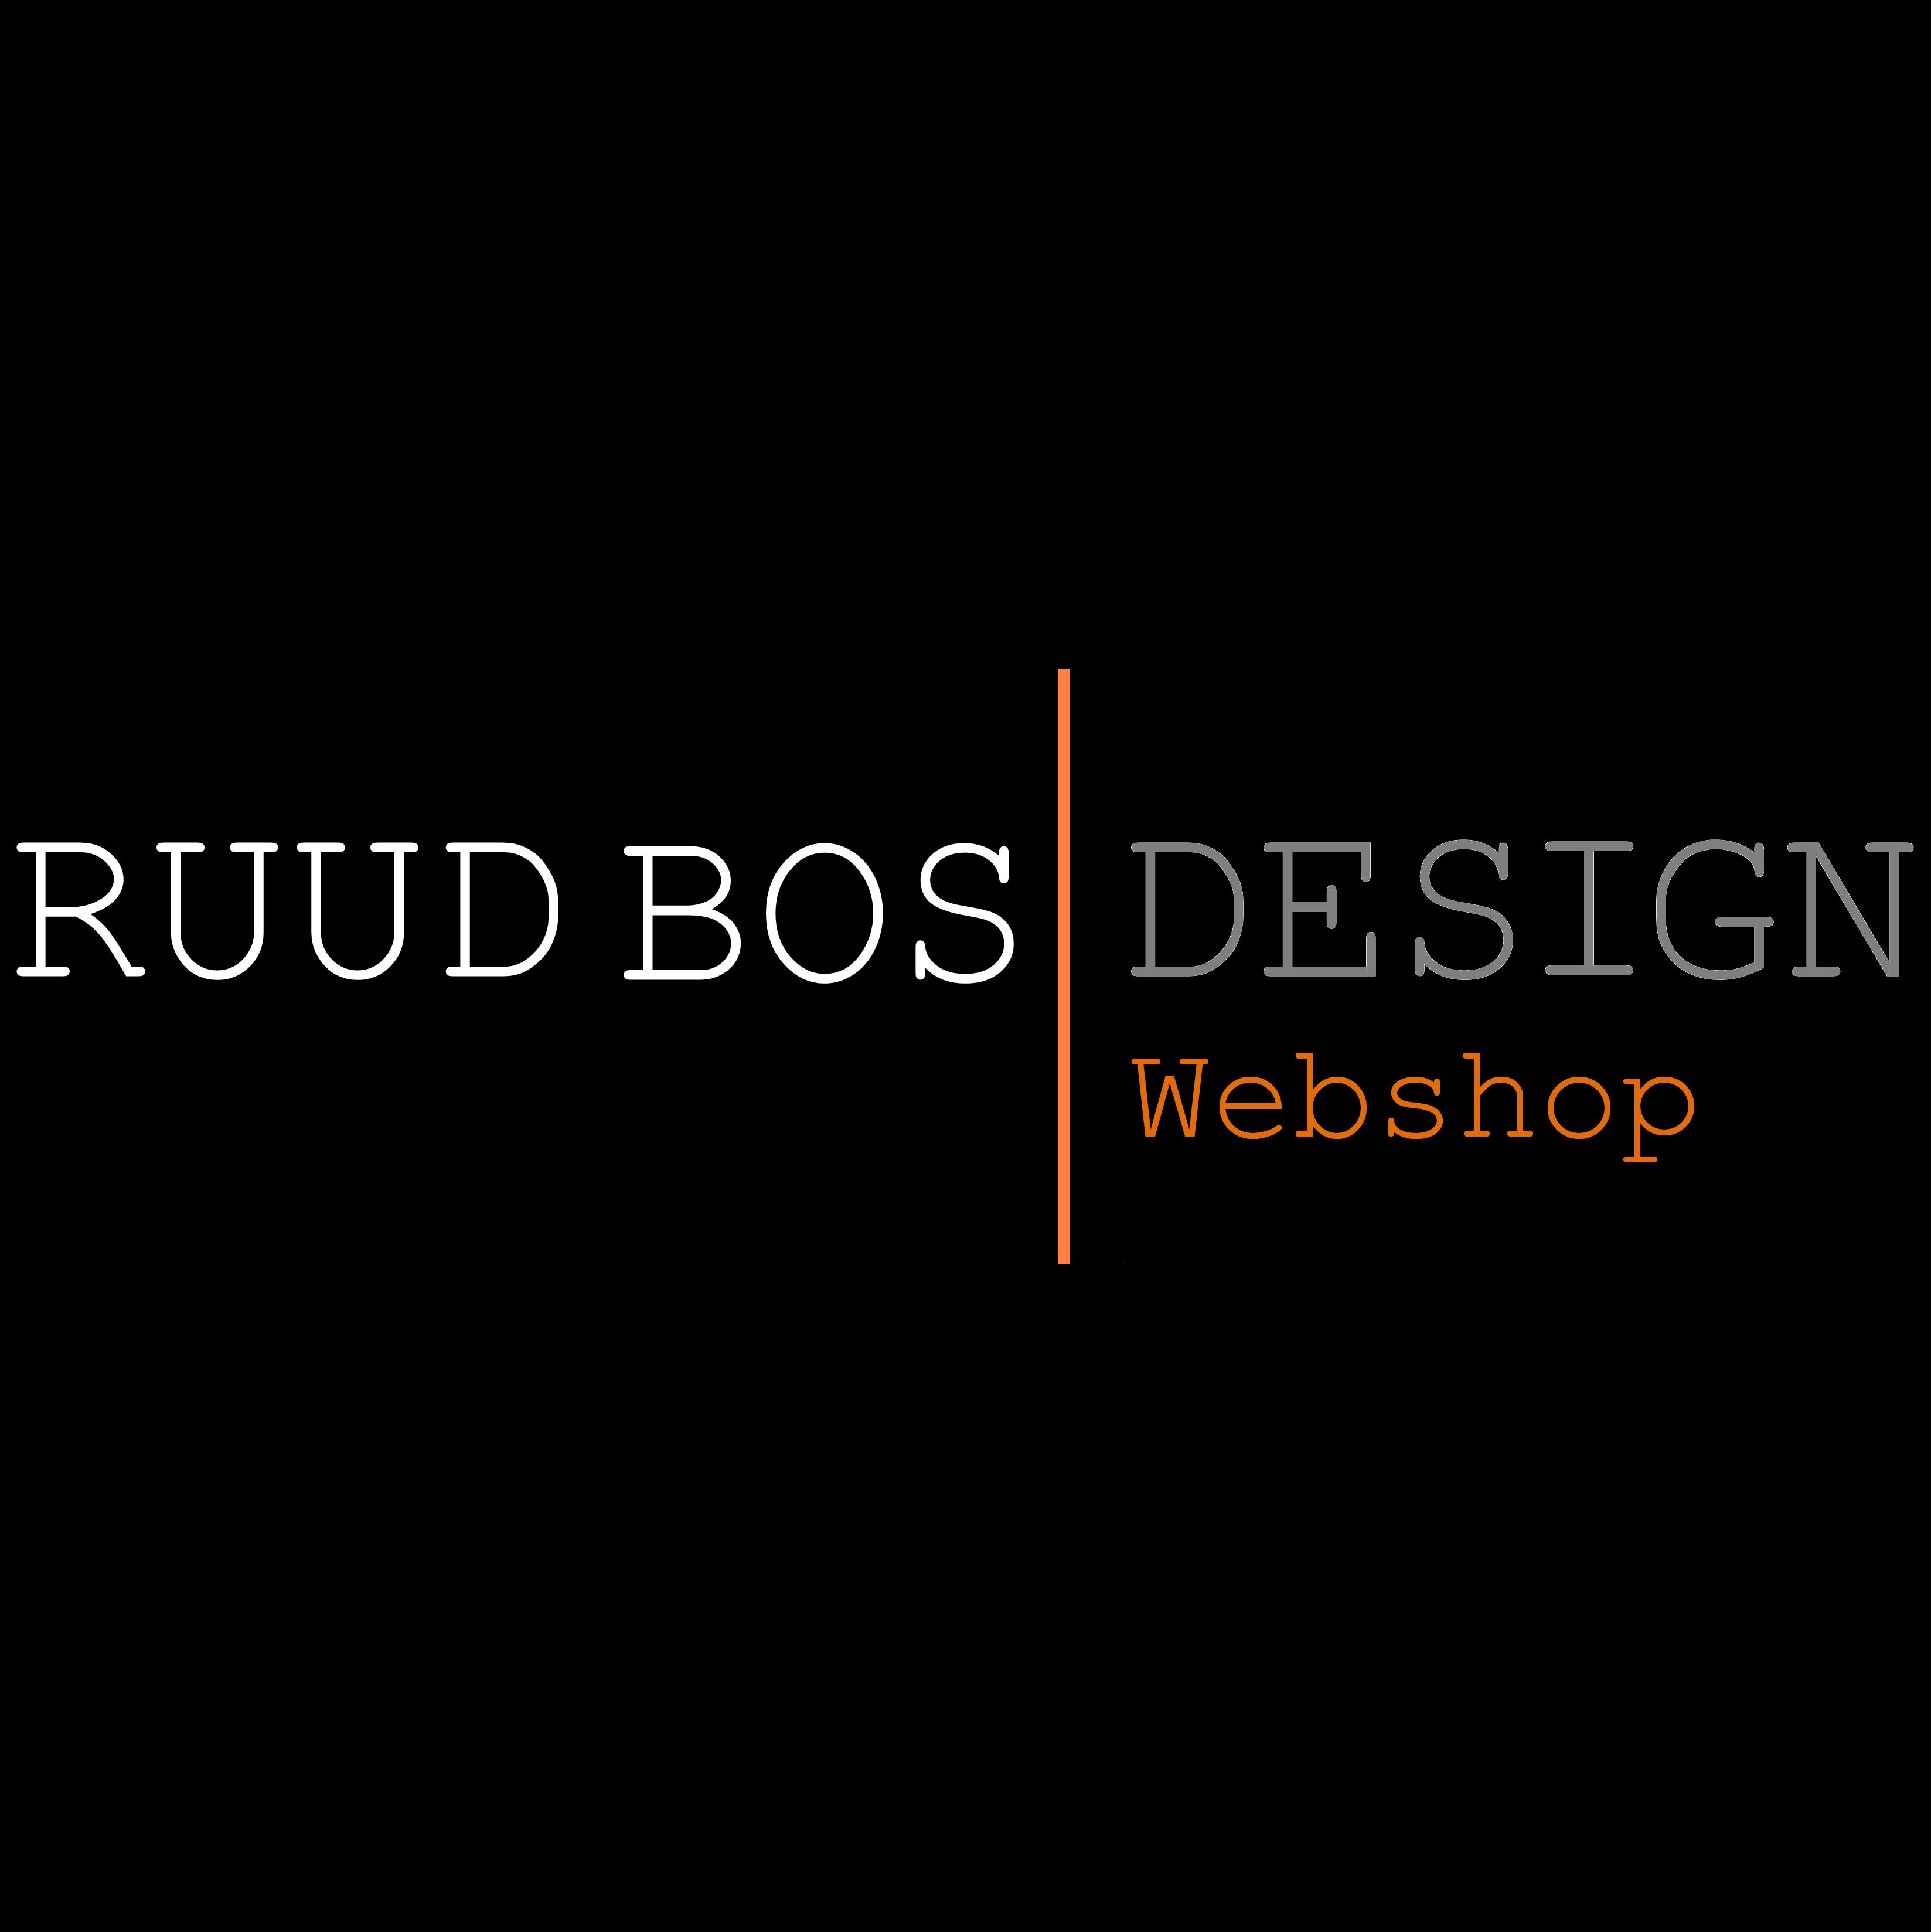 (c) Ruudbosdesign.nl